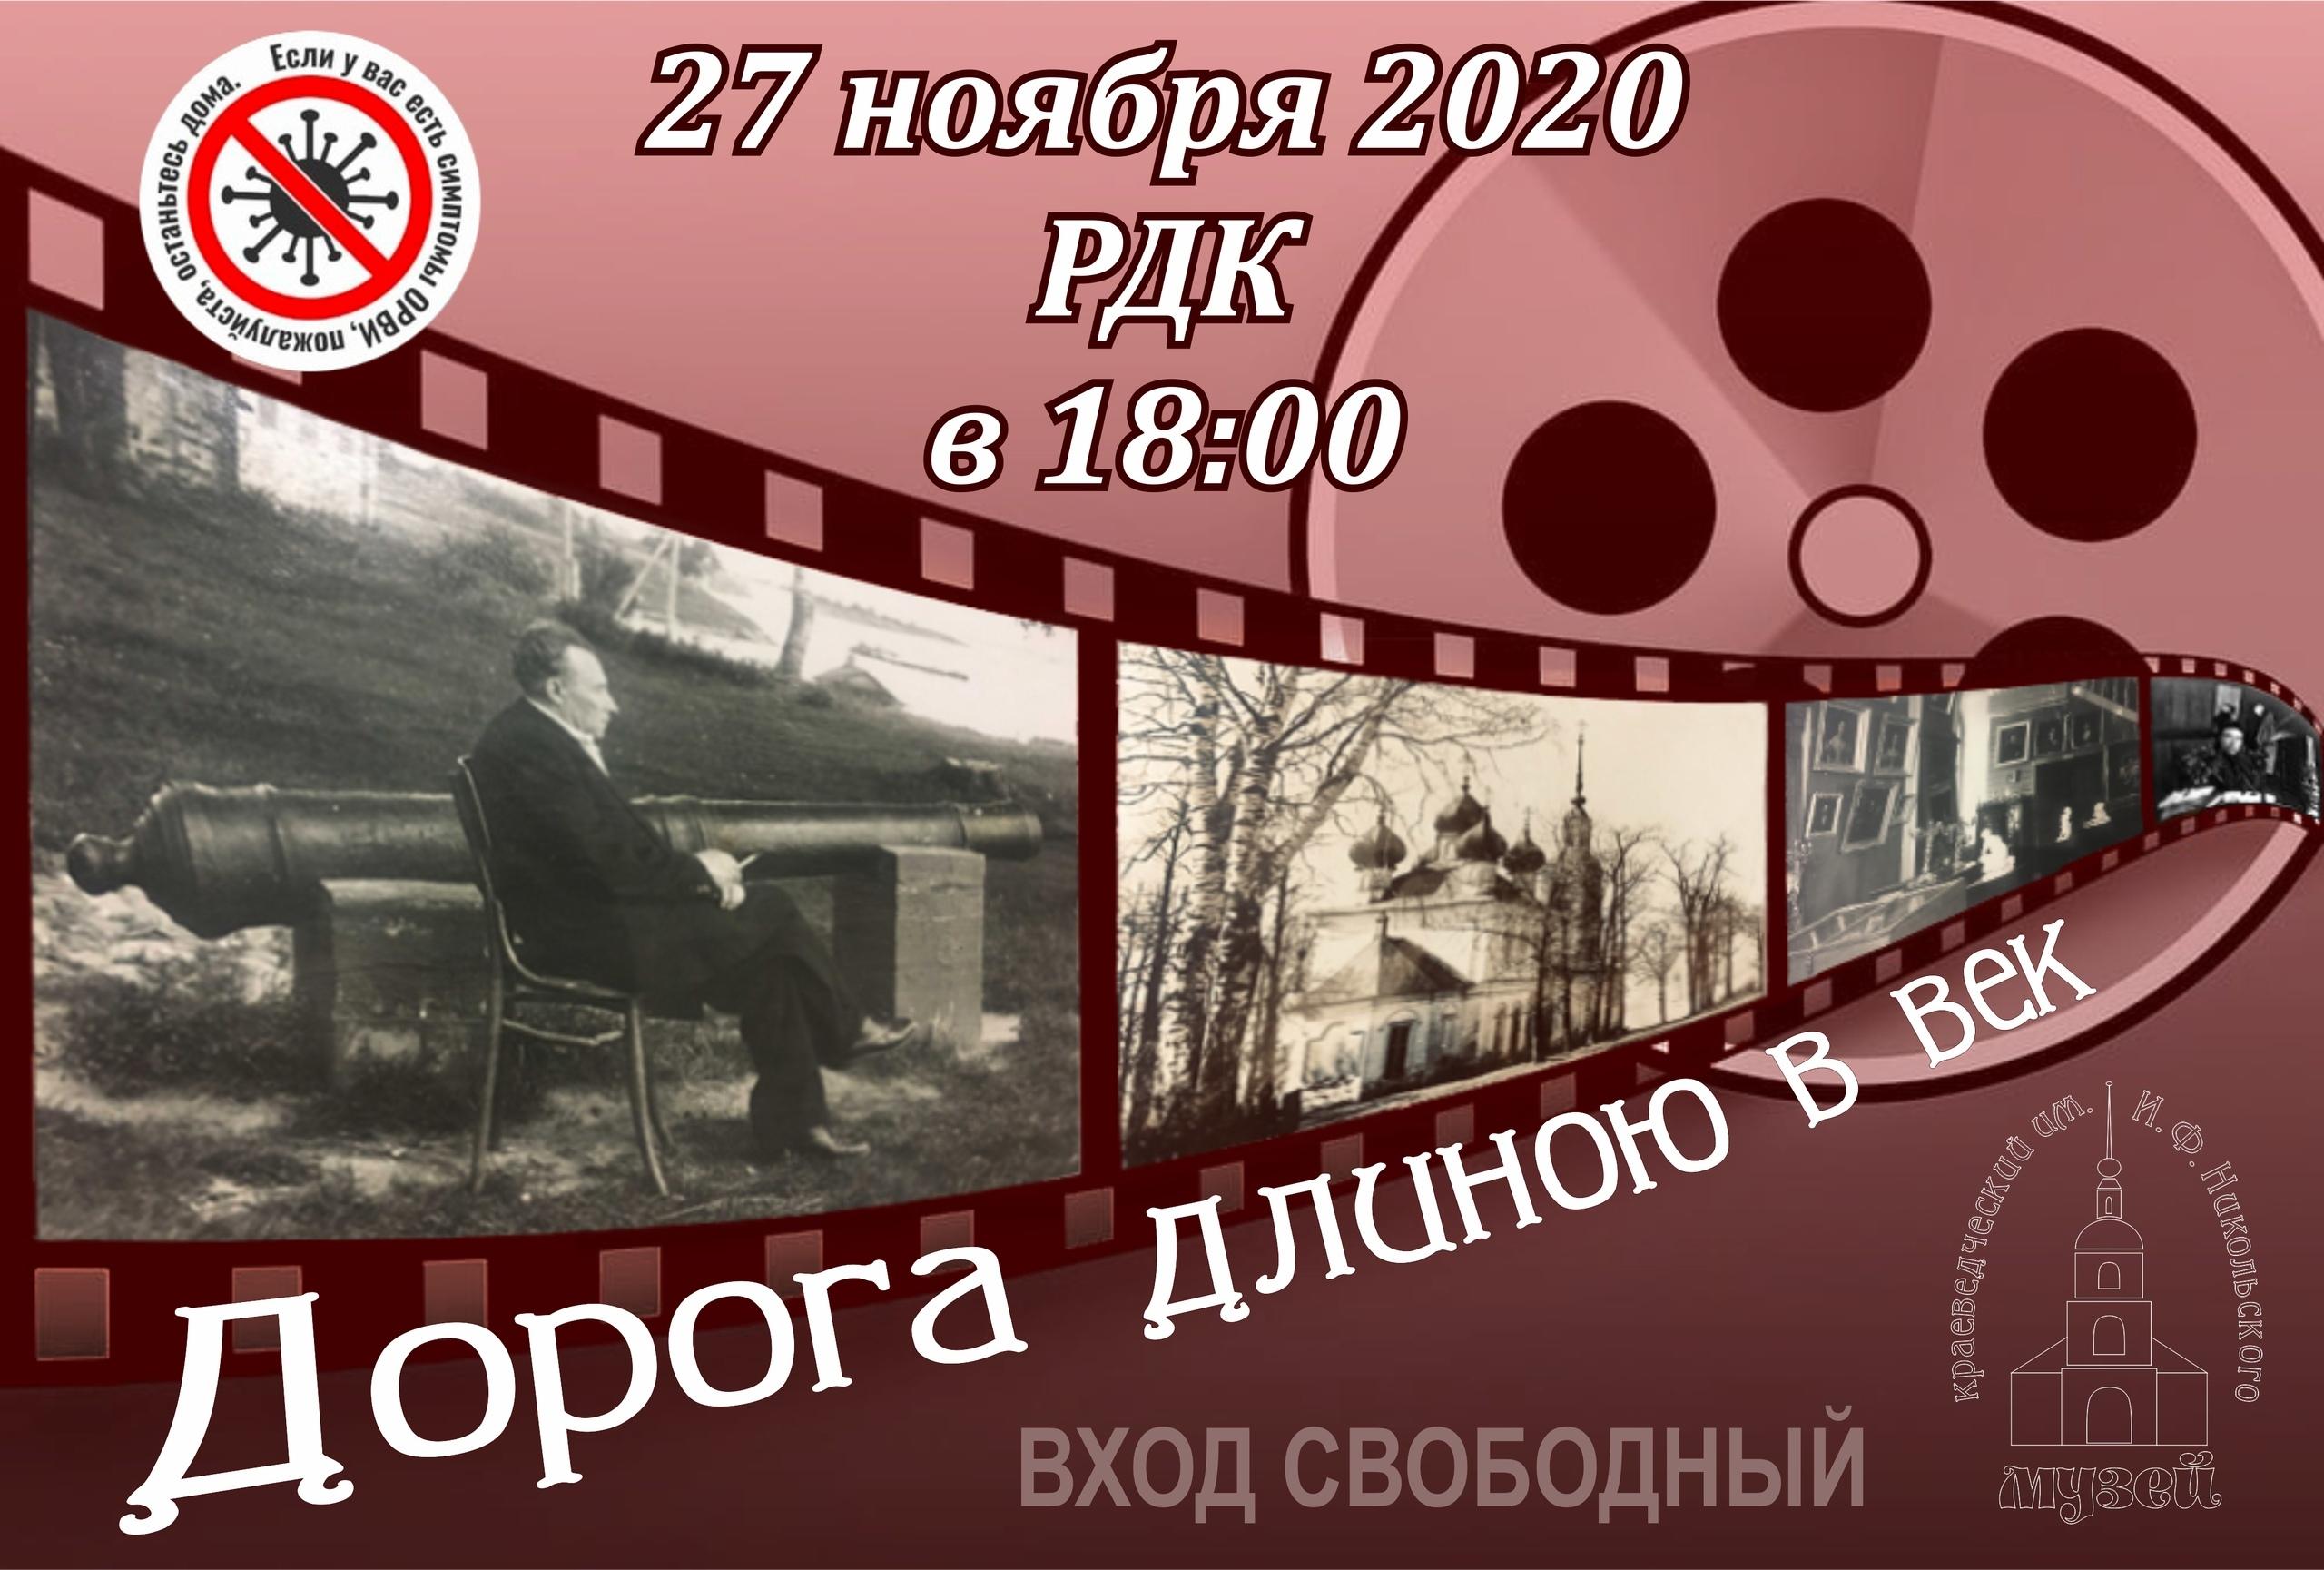 В честь столетия музея в Калязине пройдет краеведческая конференция